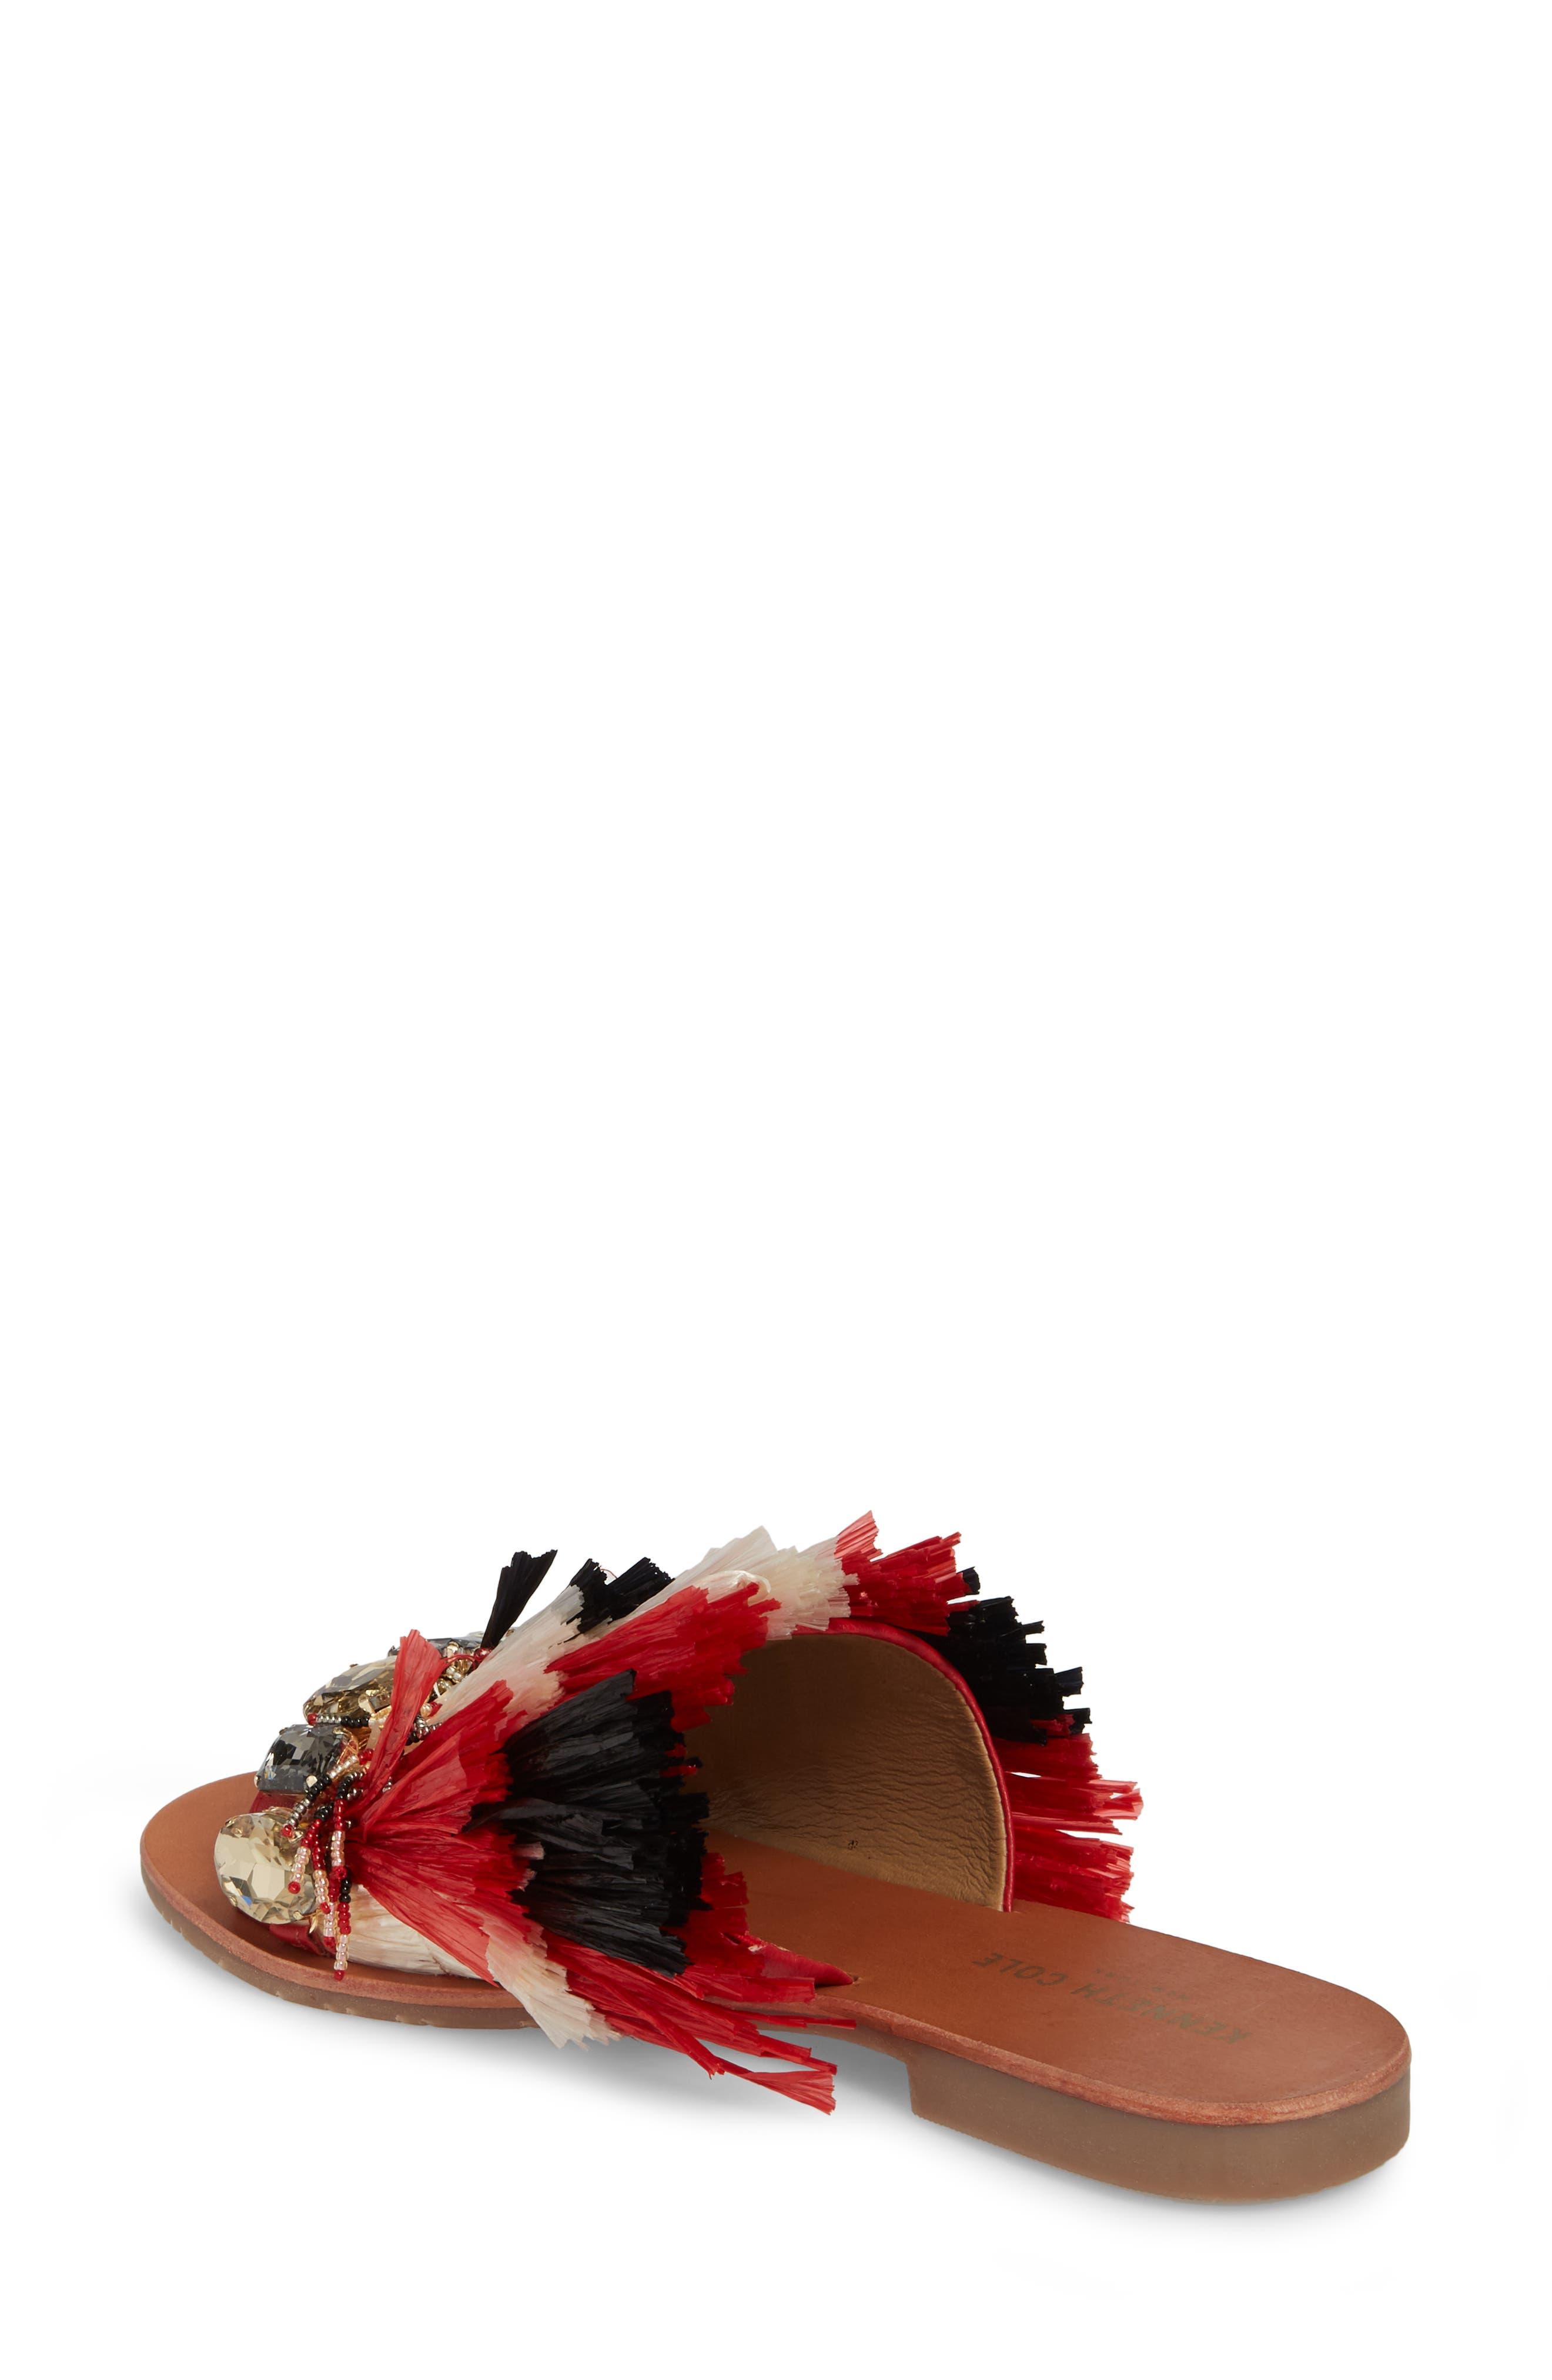 Heron Slide Sandal,                             Alternate thumbnail 4, color,